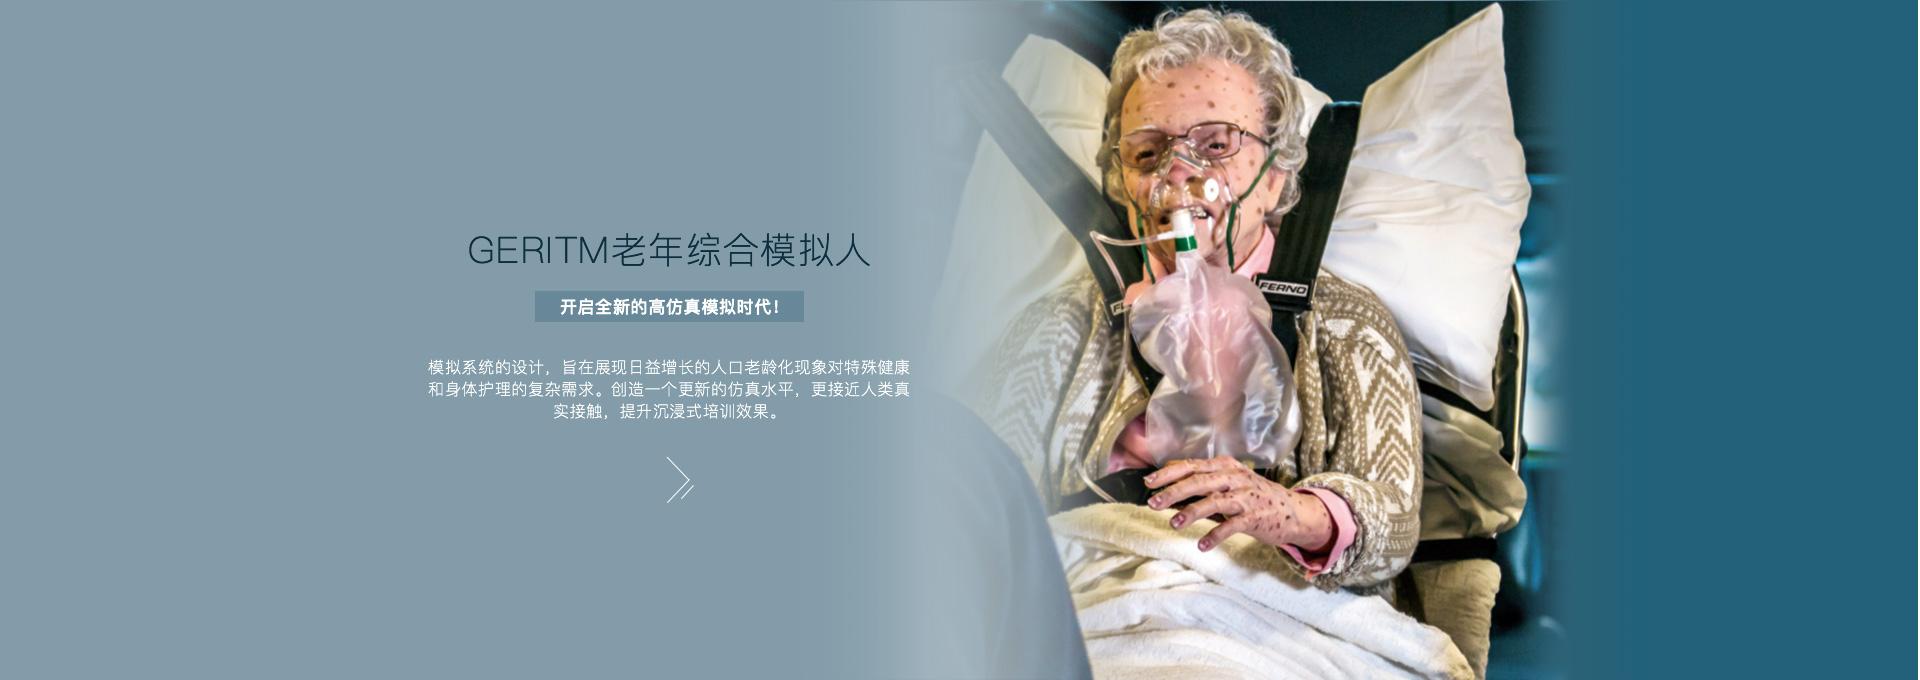 医院模拟教学设备